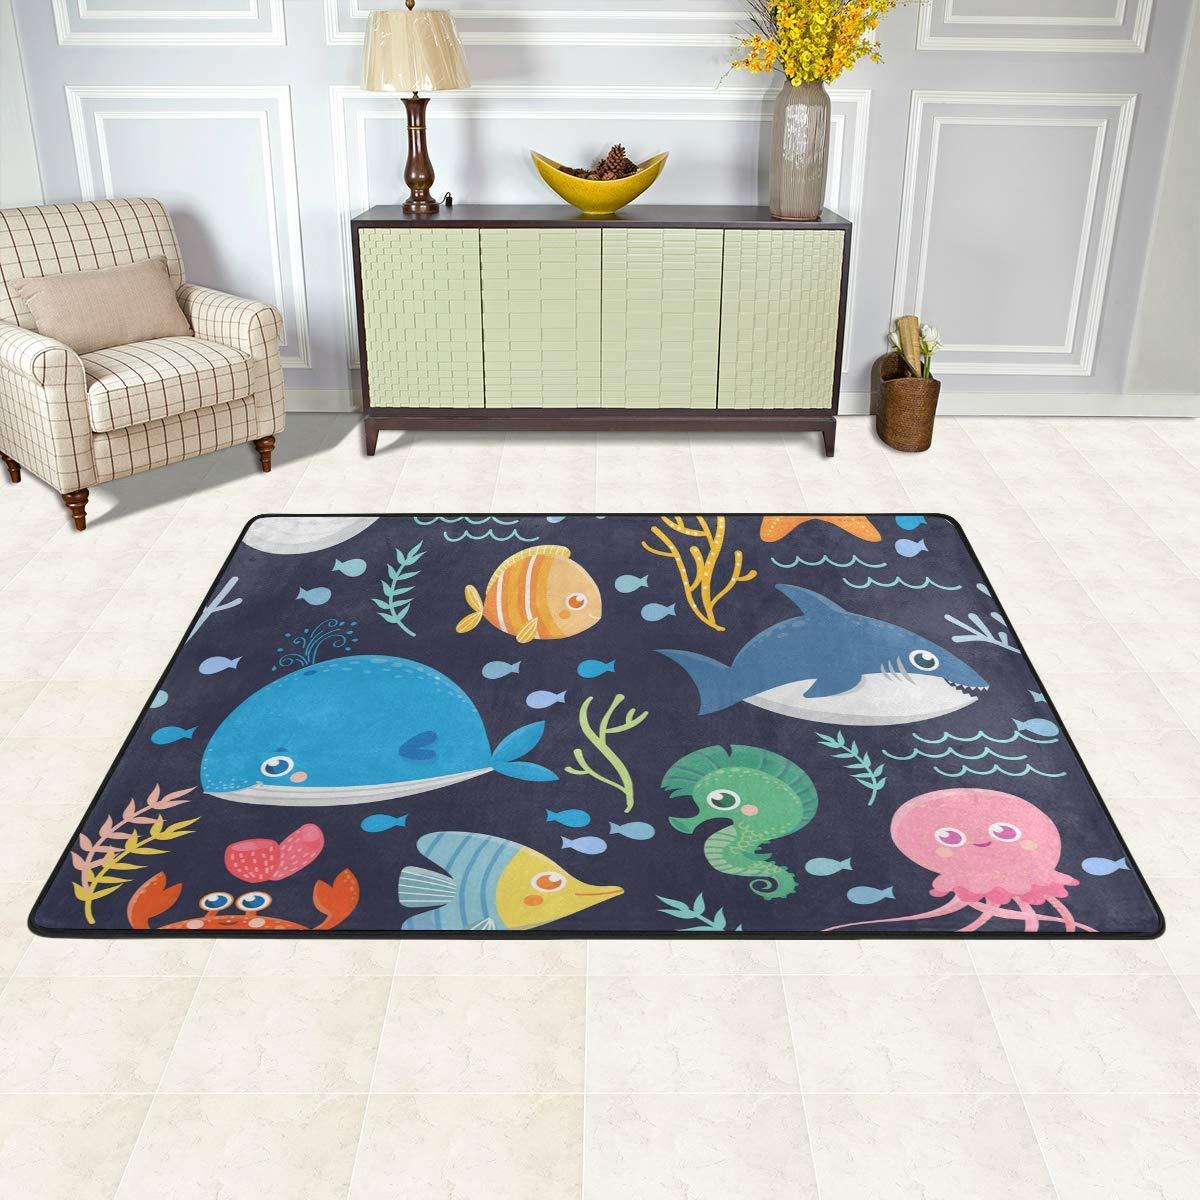 Redecor Teppich Kinderzimmer Wohnzimmerteppich Schlafzimmer K/üche Rutschfest 91x60 cm Qualle Meerestier Fisch